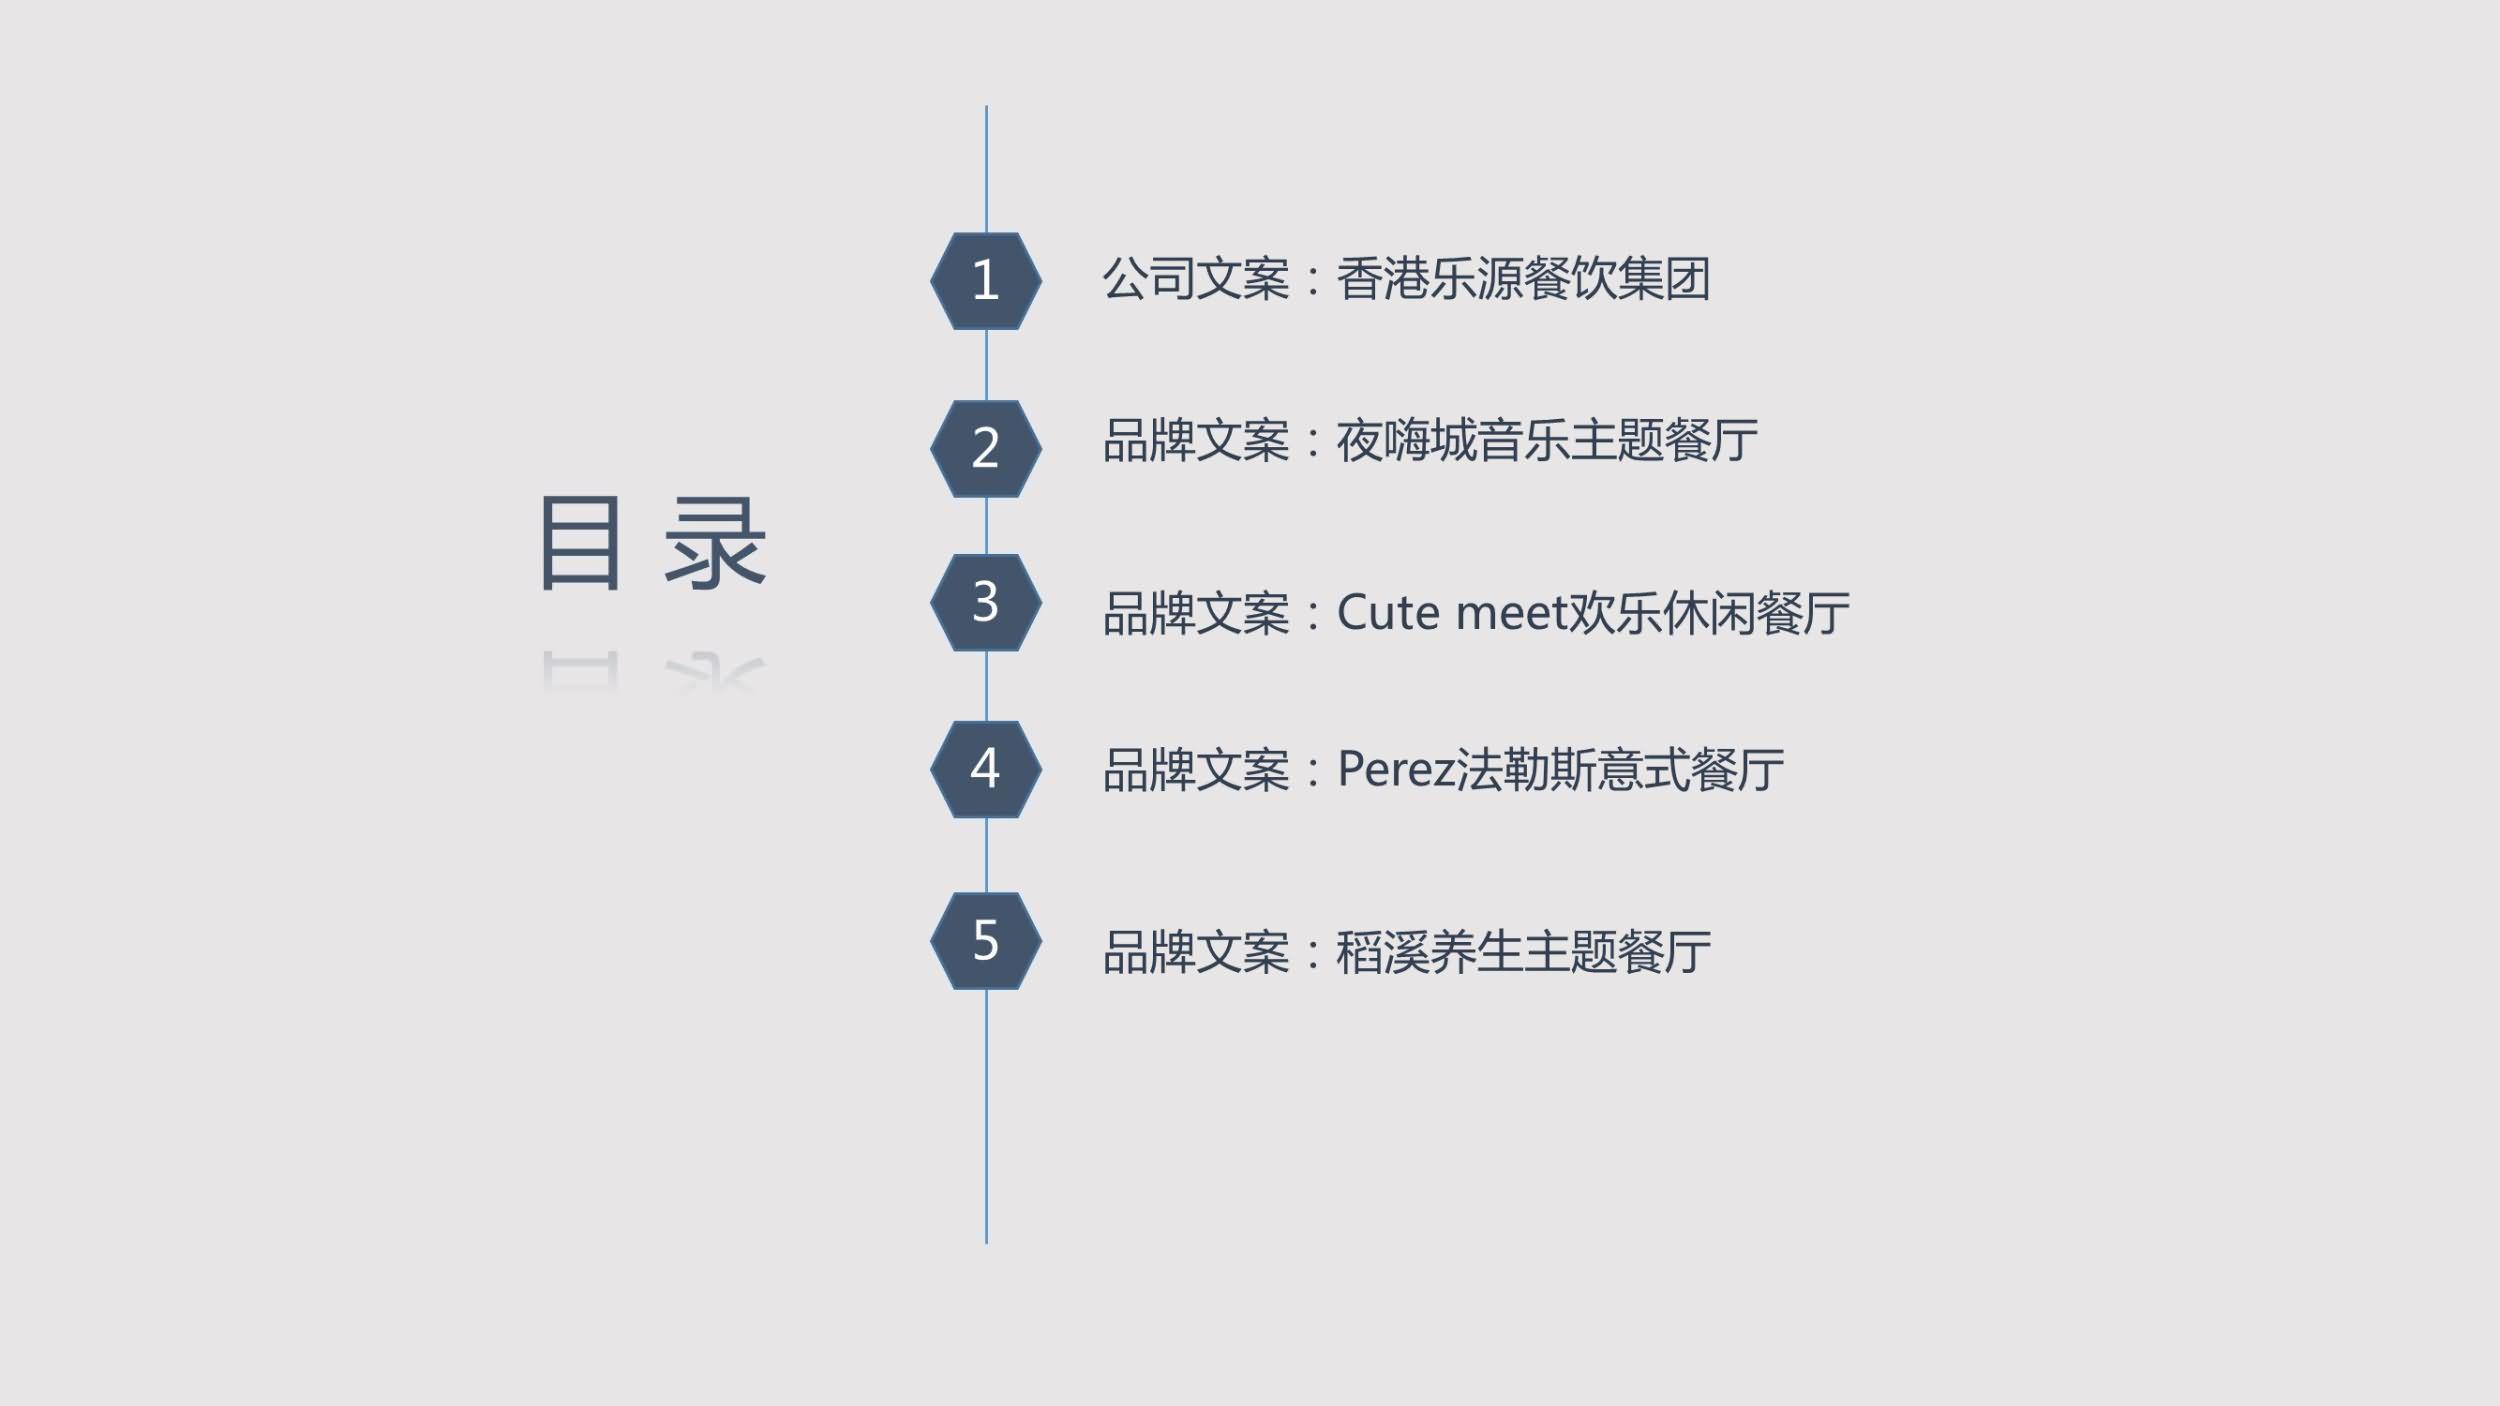 香港樂源餐飲集團有限公司2